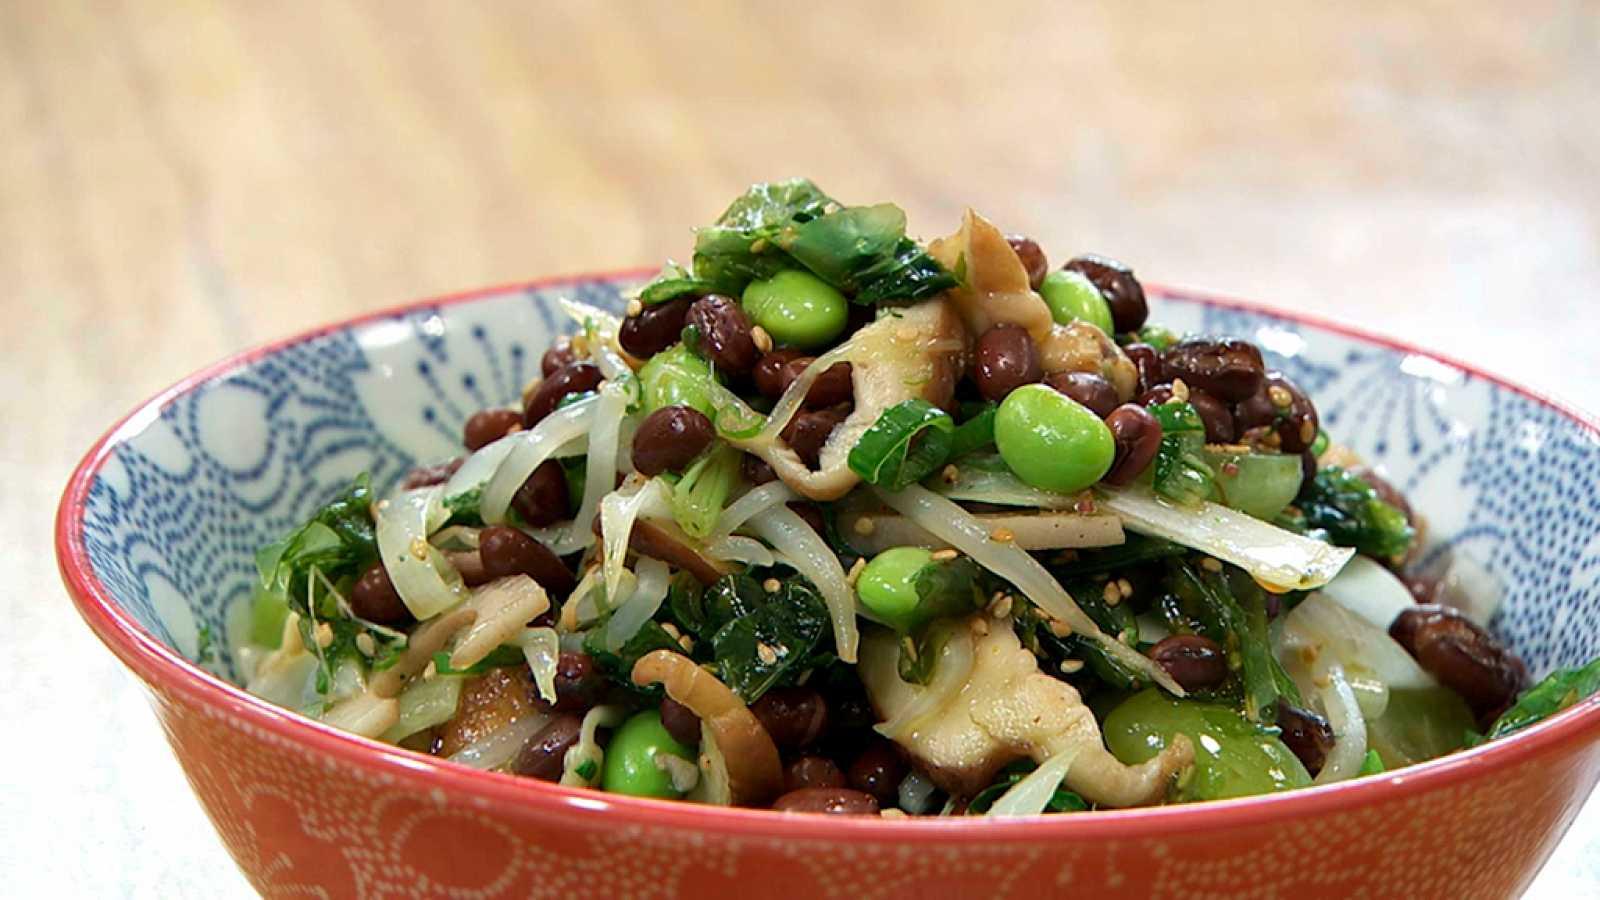 Torres en la cocina - Ensalada de legumbres